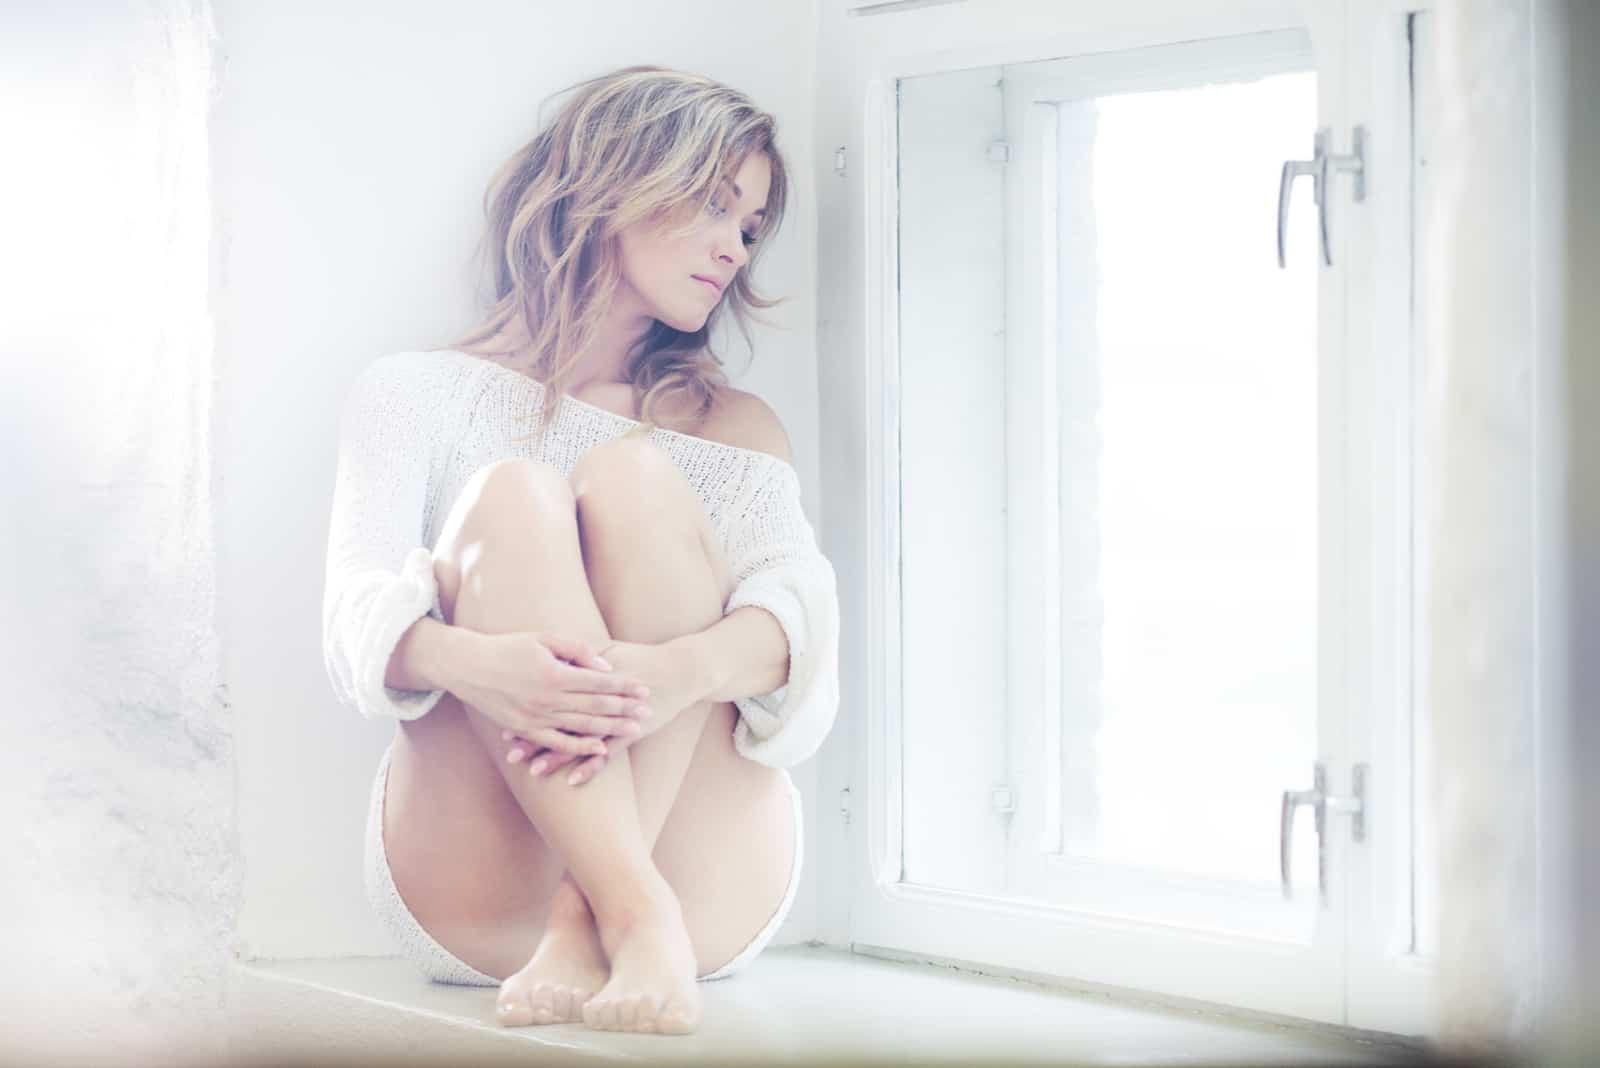 une femme aux cheveux blonds assise près de la fenêtre